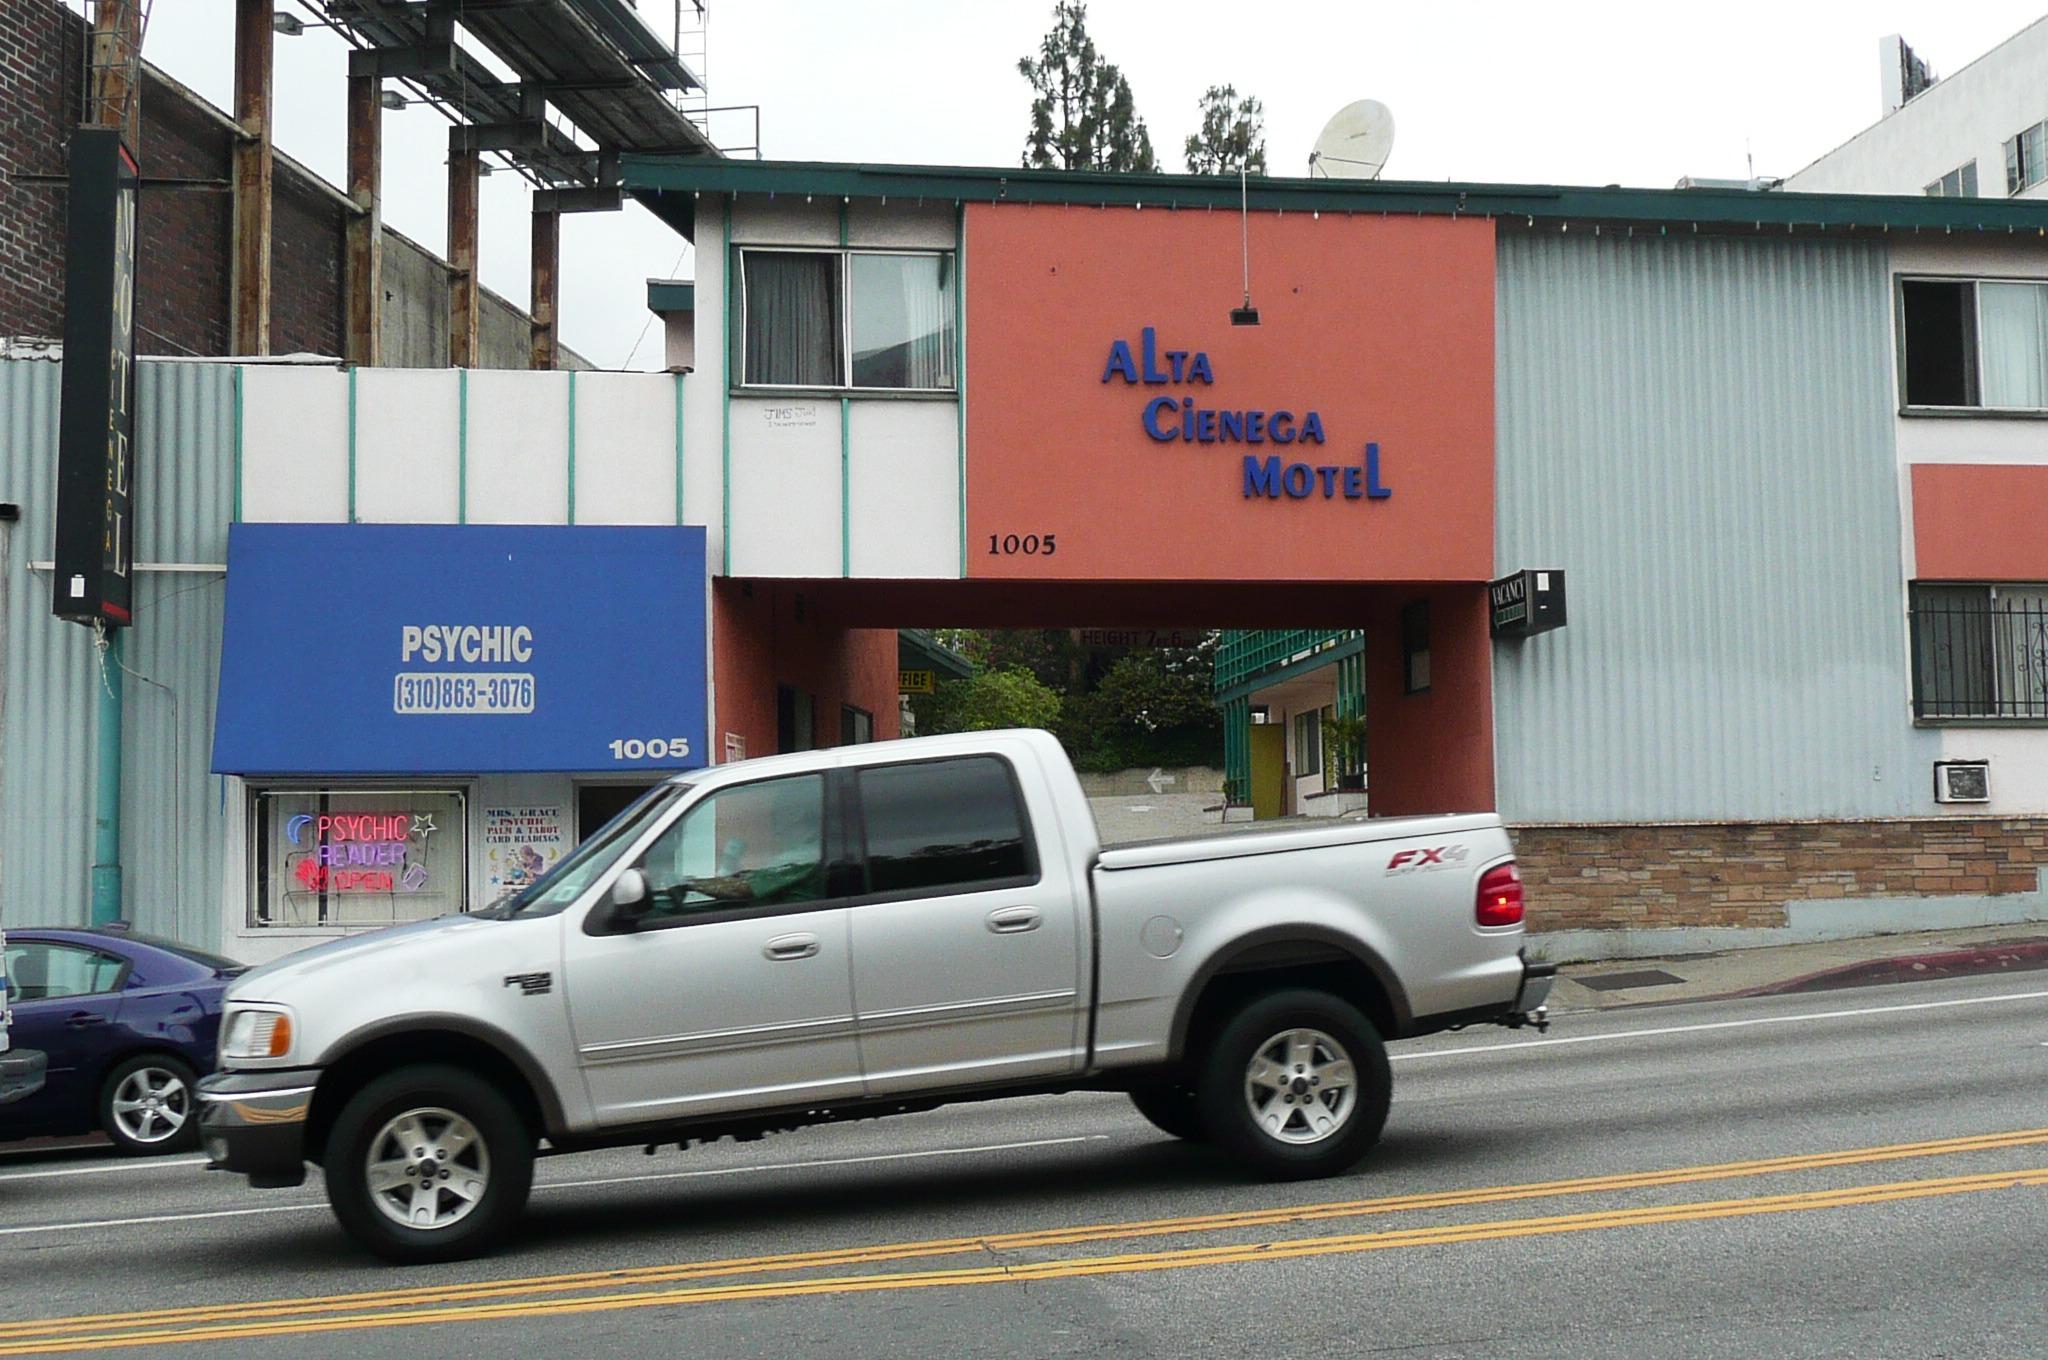 Alta Cienega Motel West Hollywood